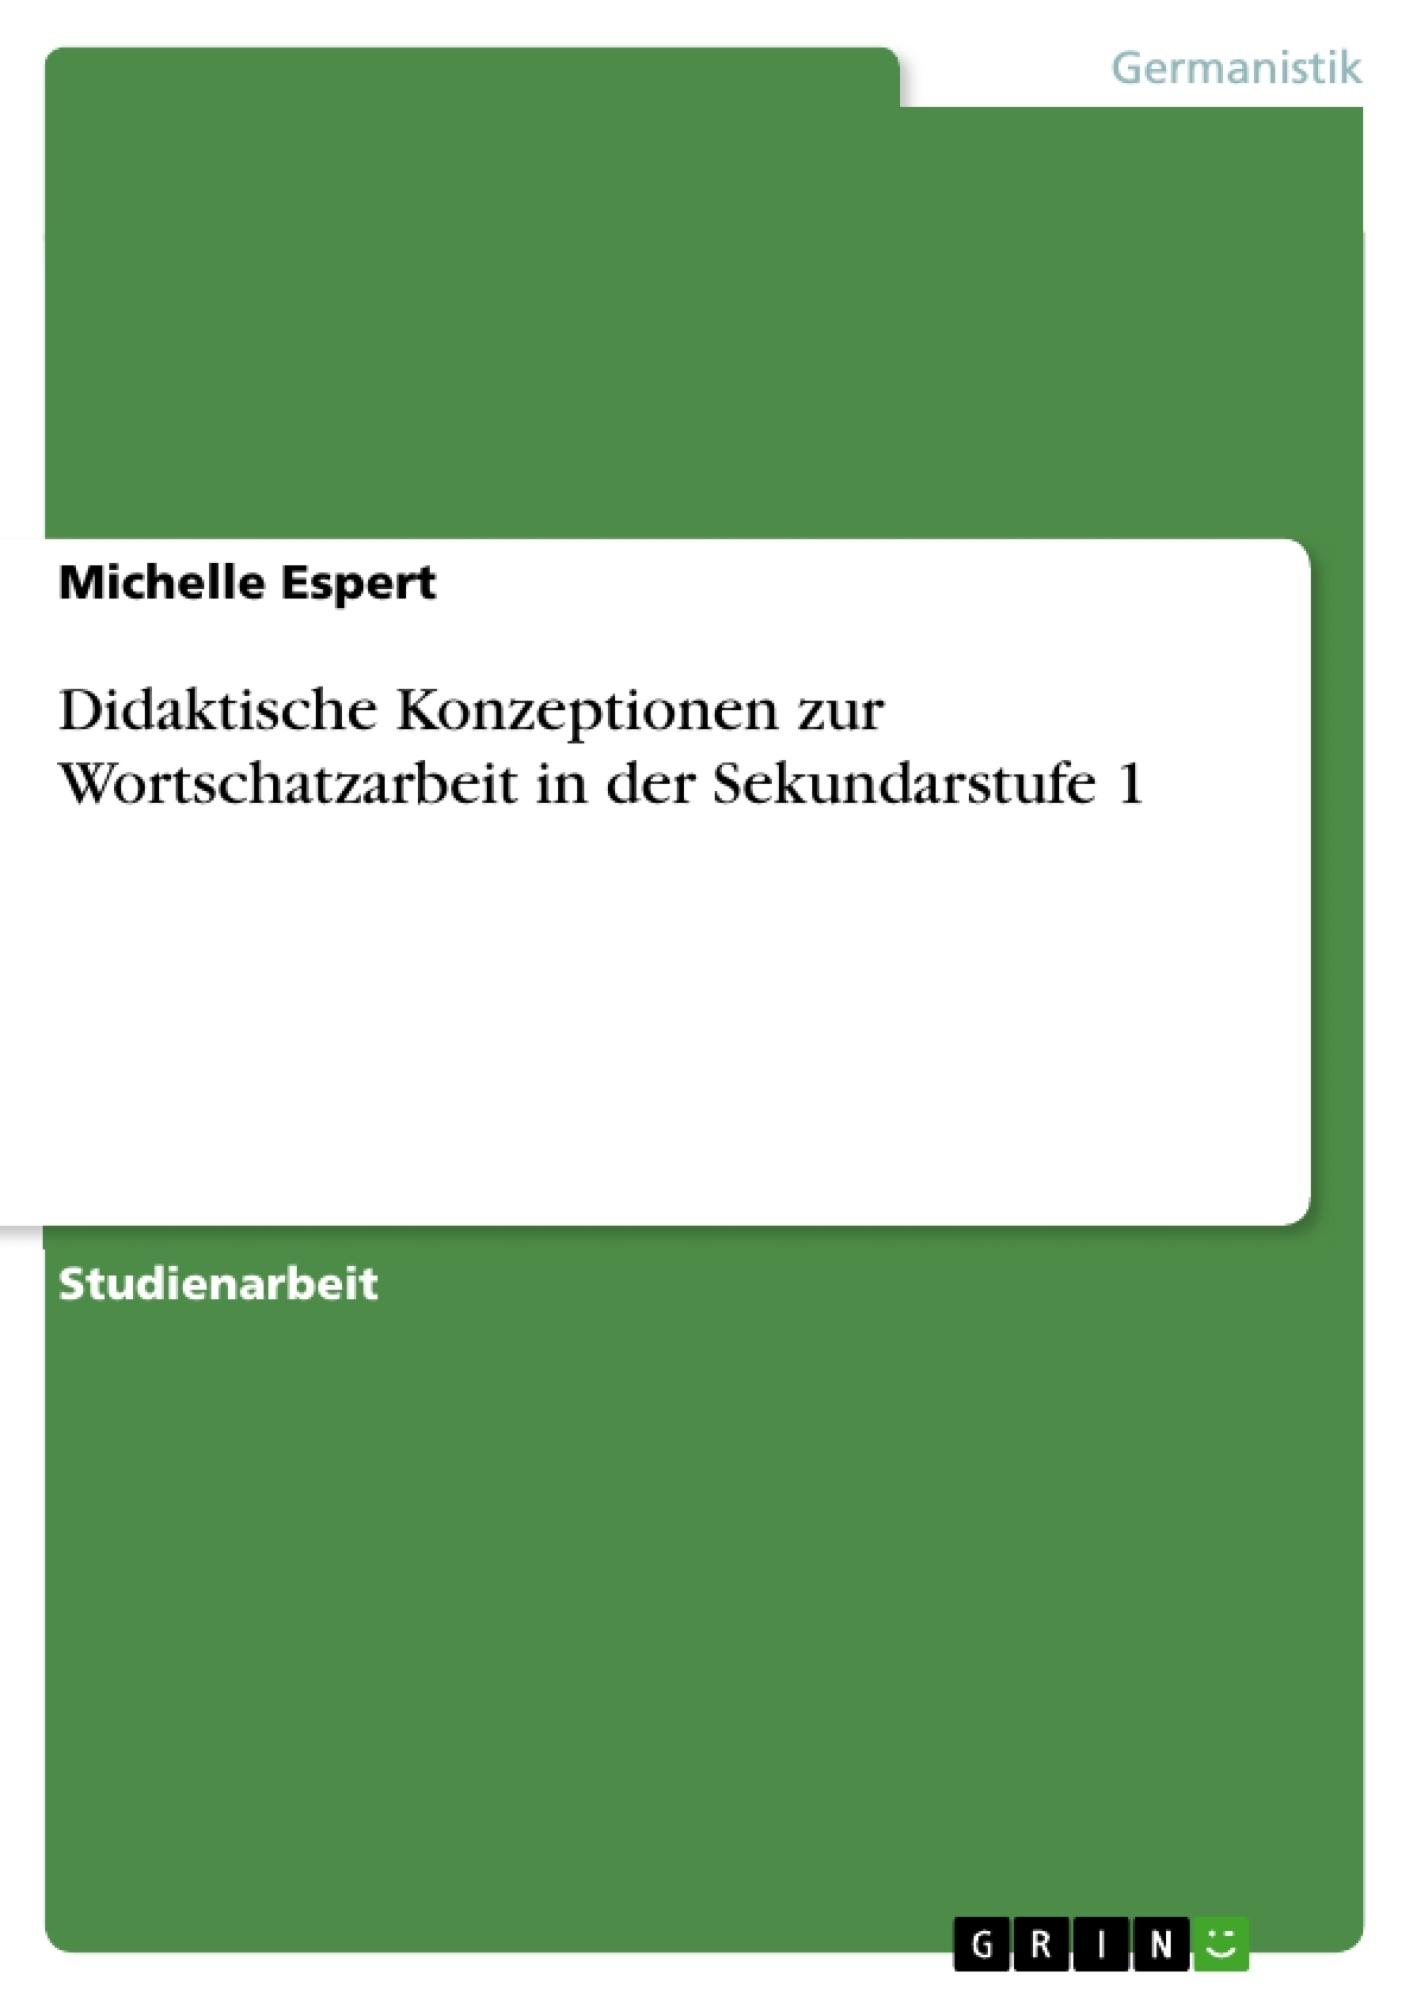 Titel: Didaktische Konzeptionen zur Wortschatzarbeit in der Sekundarstufe 1